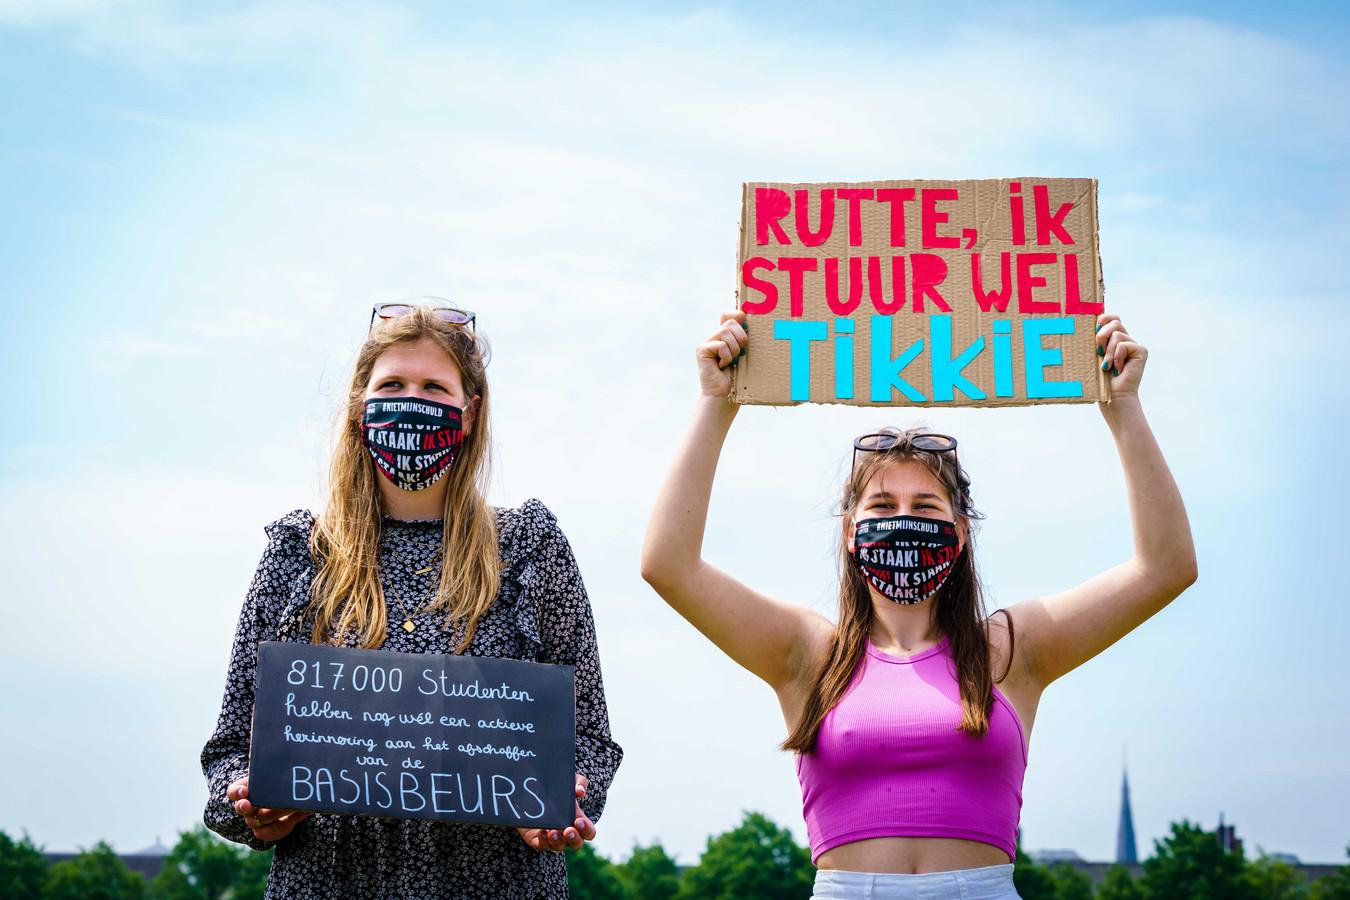 Studenten protesteerden eerder dit jaar nog op het Malieveld tegen het leenstelsel. Ze willen een schuldenvrije basisbeurs en compensatie voor al die jaren dat studenten hebben moeten lenen.